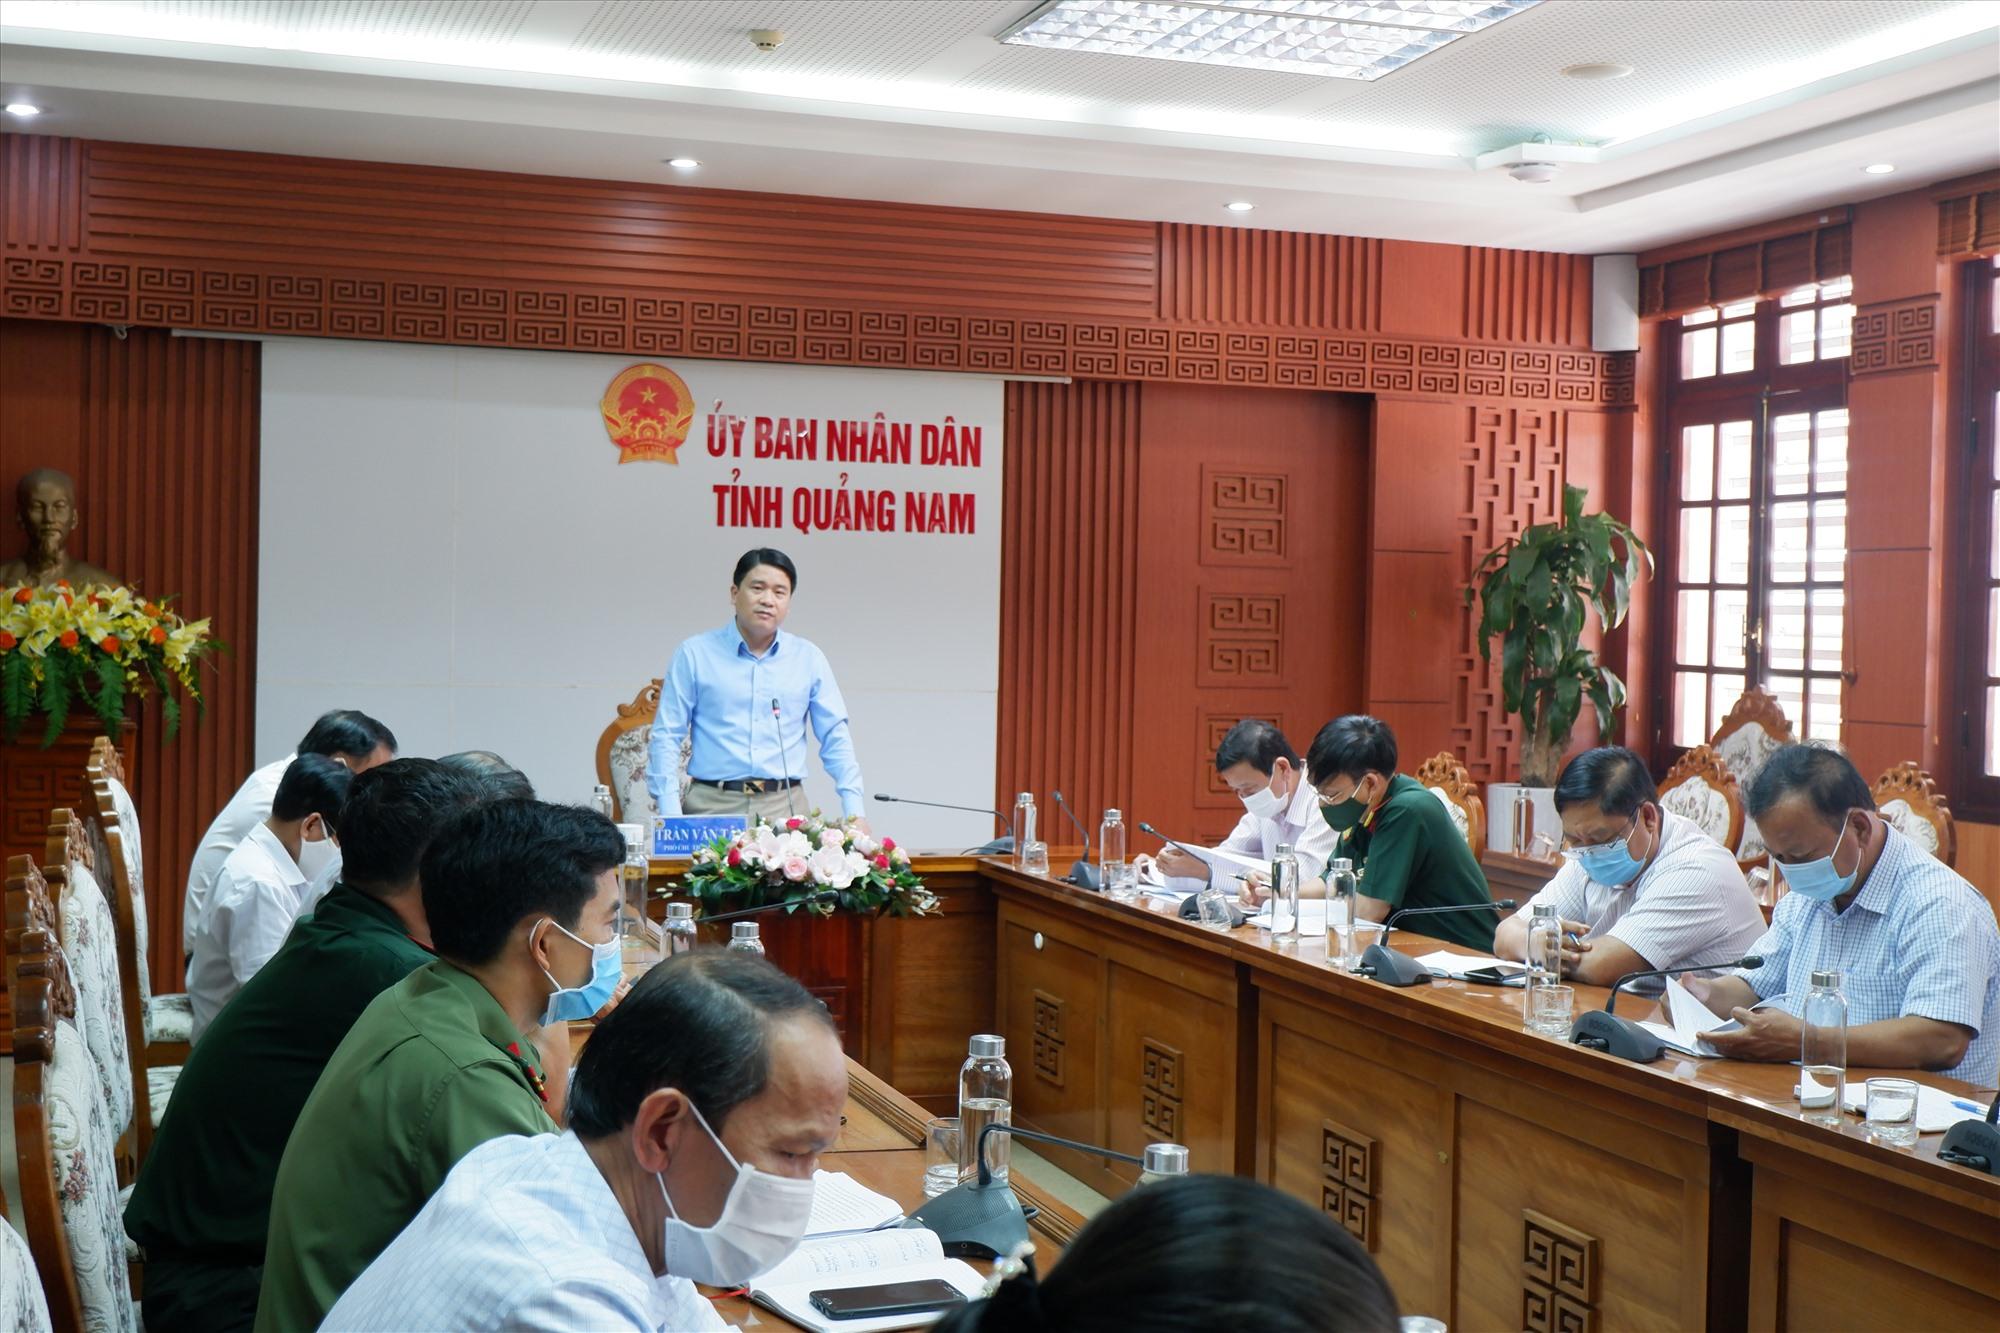 Phó Chủ tịch UBND tỉnh phát biểu chỉ đạo tại Hội nghị trực tuyến sáng 18.5. Ảnh: X.H